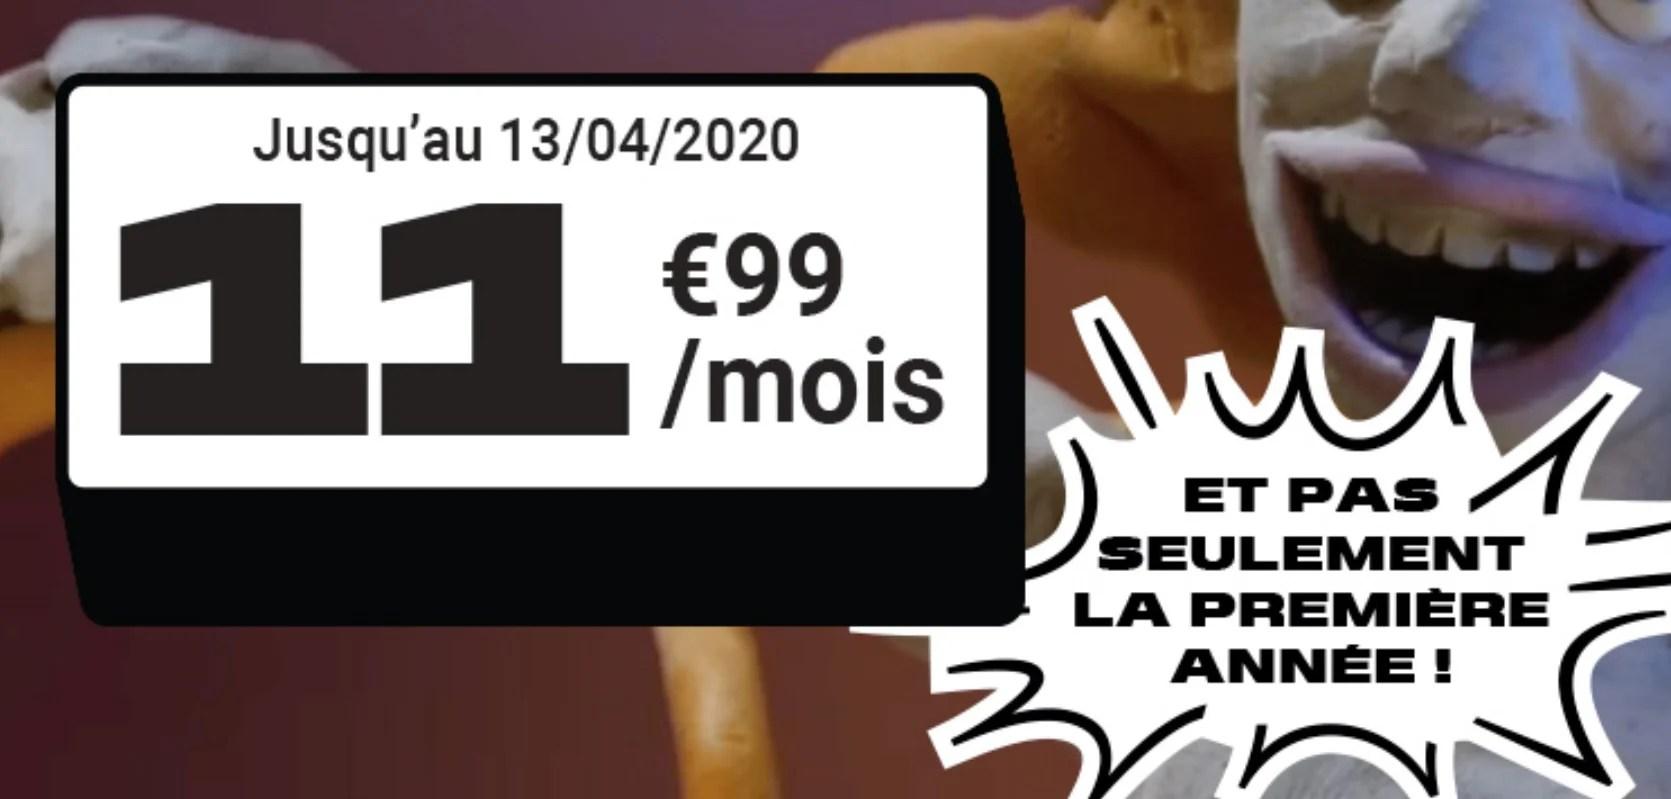 Forfait mobile : 50 Go pour seulement 11,99 euros par mois, même après un an